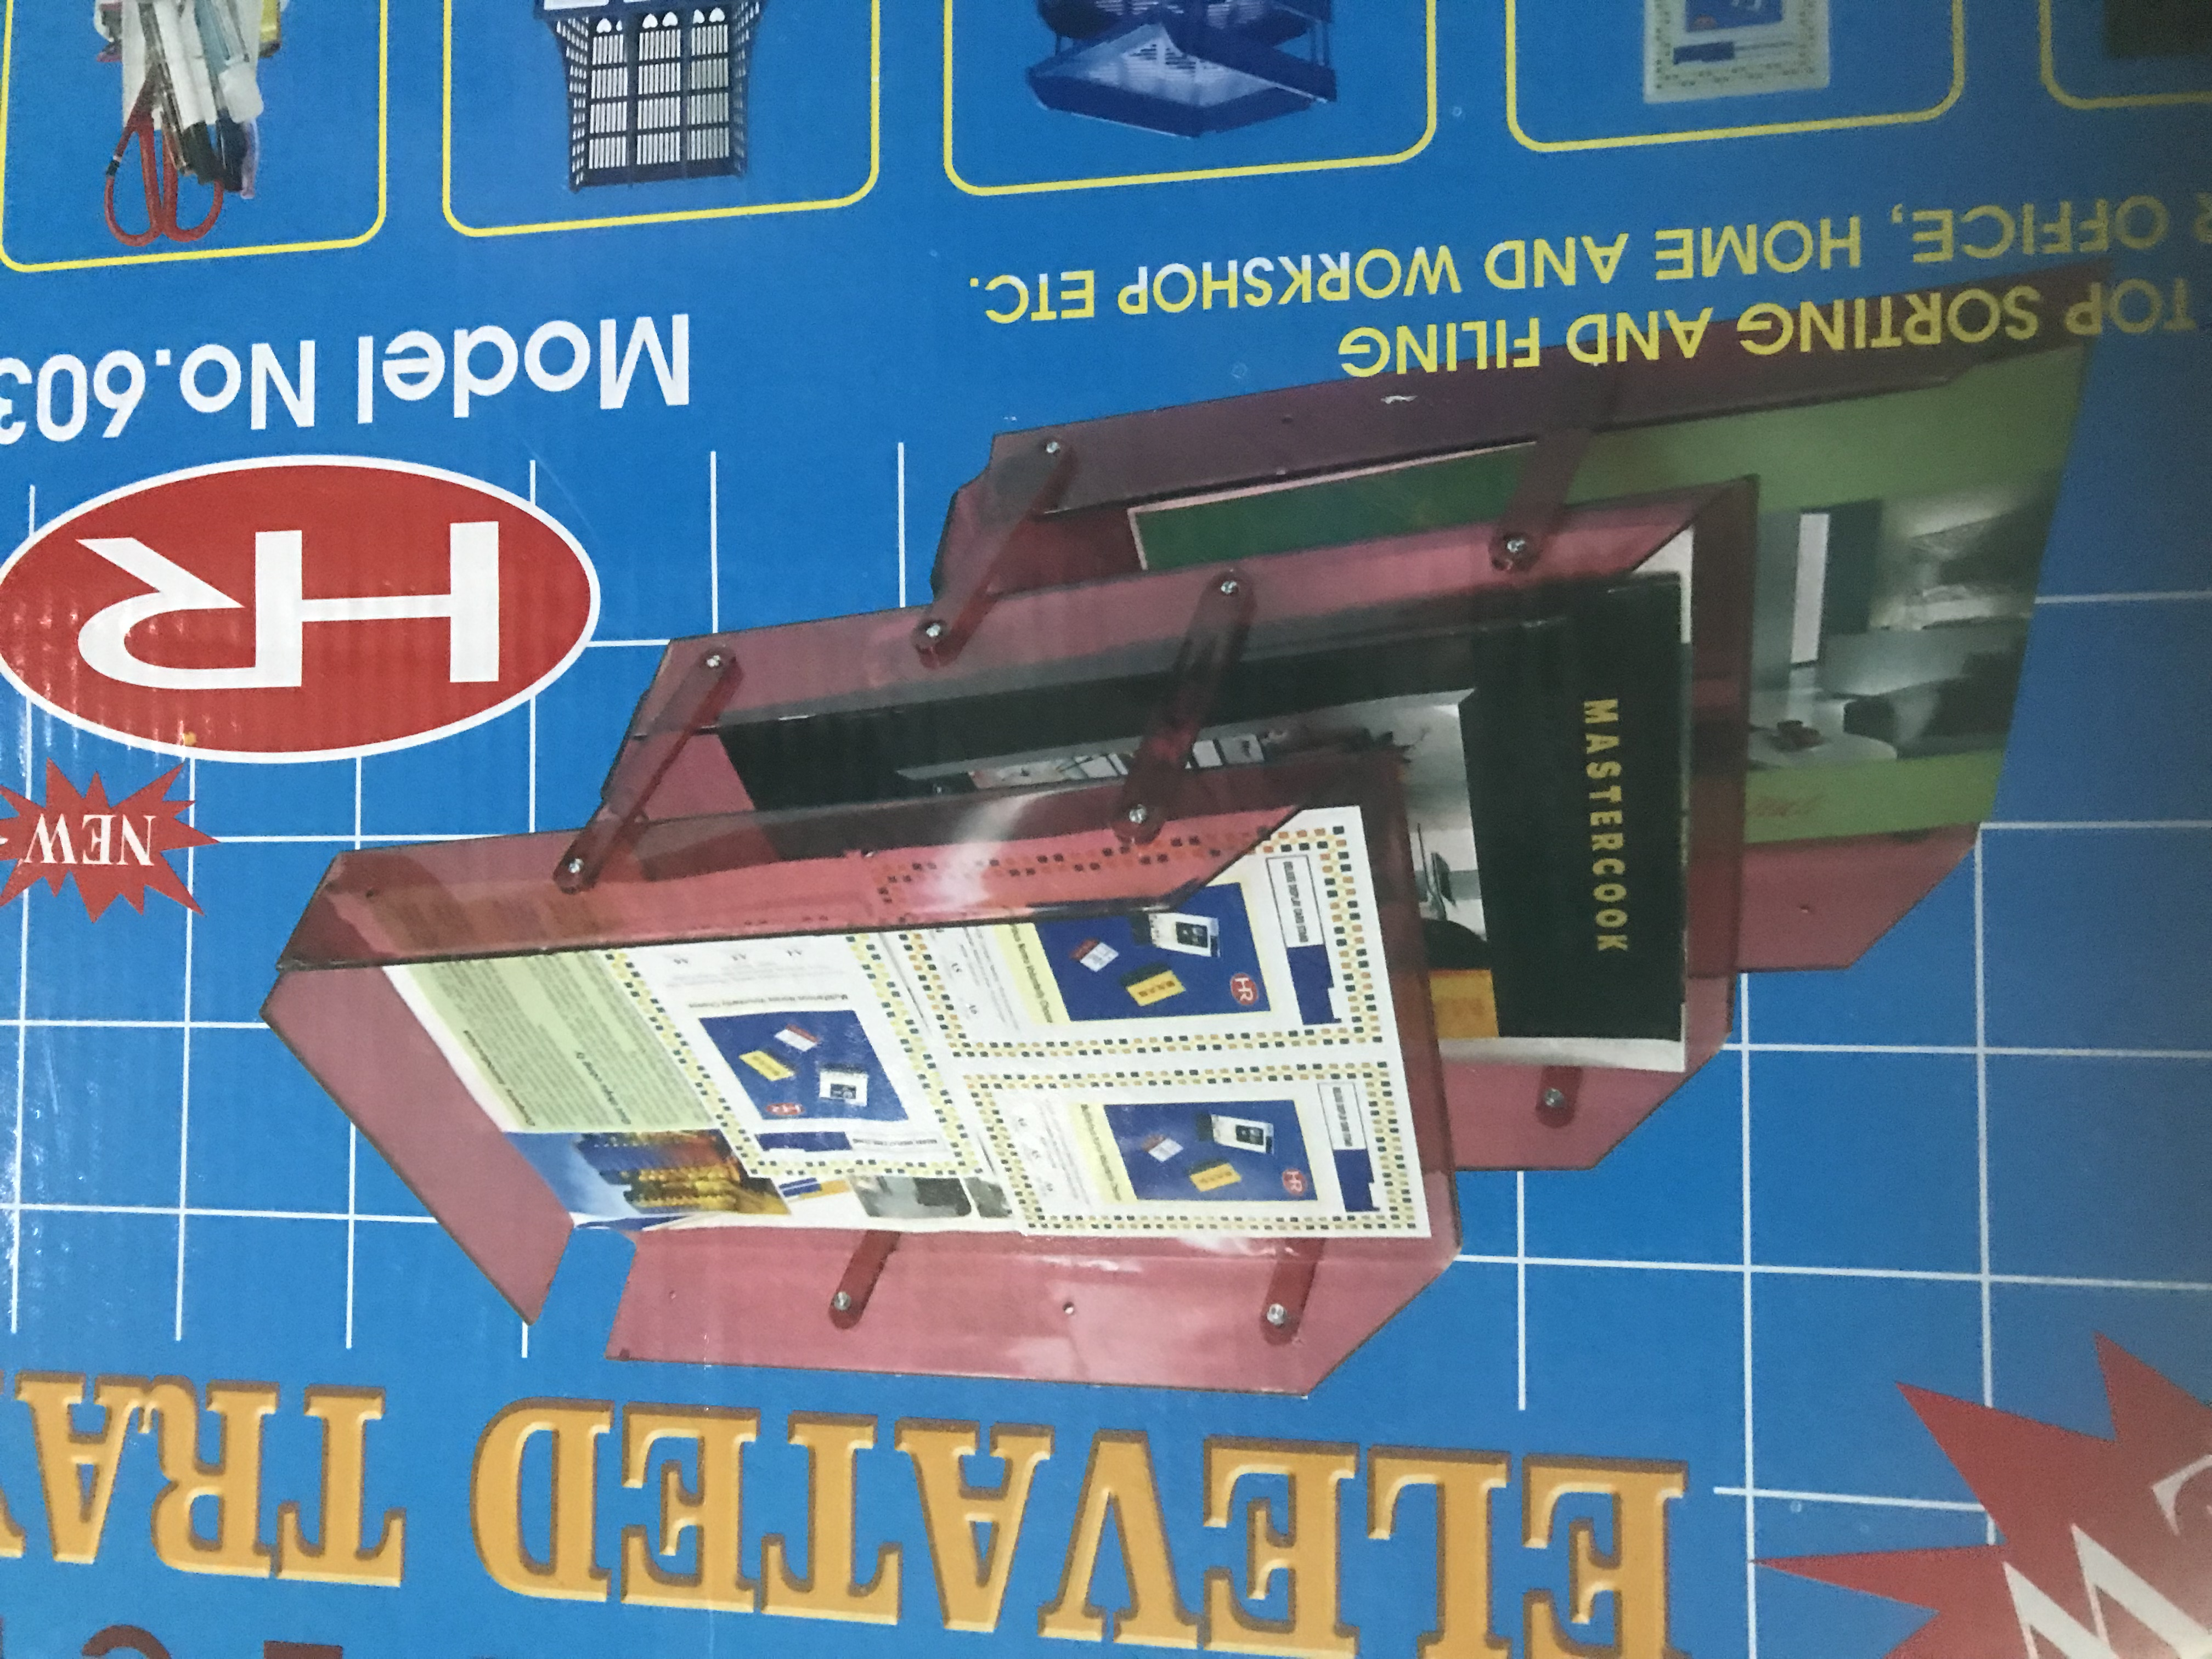 Ninh Bình – Nam Định Khay văn phòng các loại Zalo 0912677982